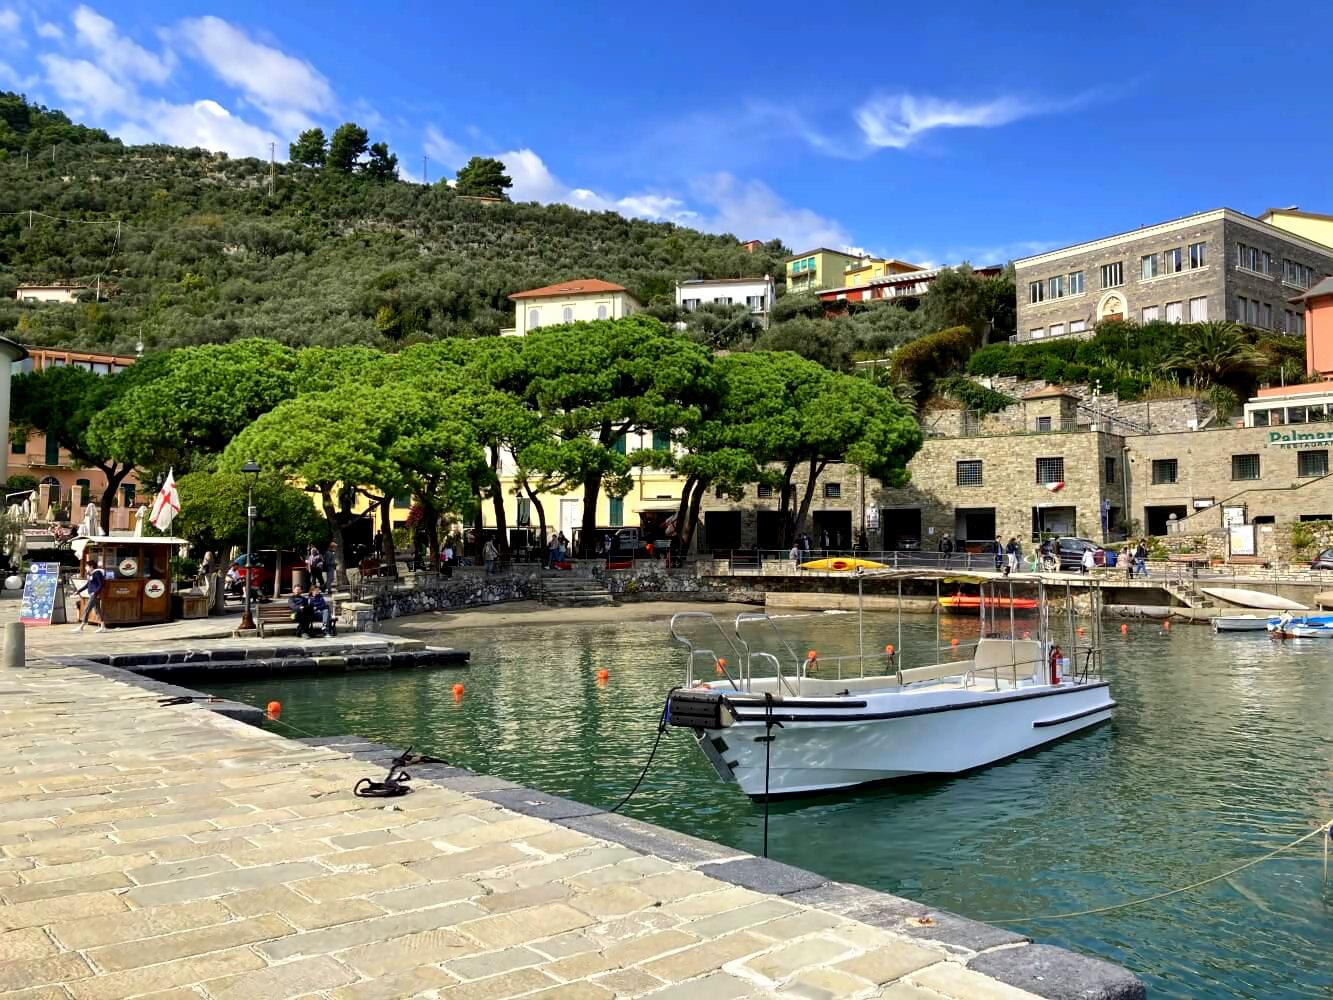 Anlegestelle für das Boot nach Palmaria.